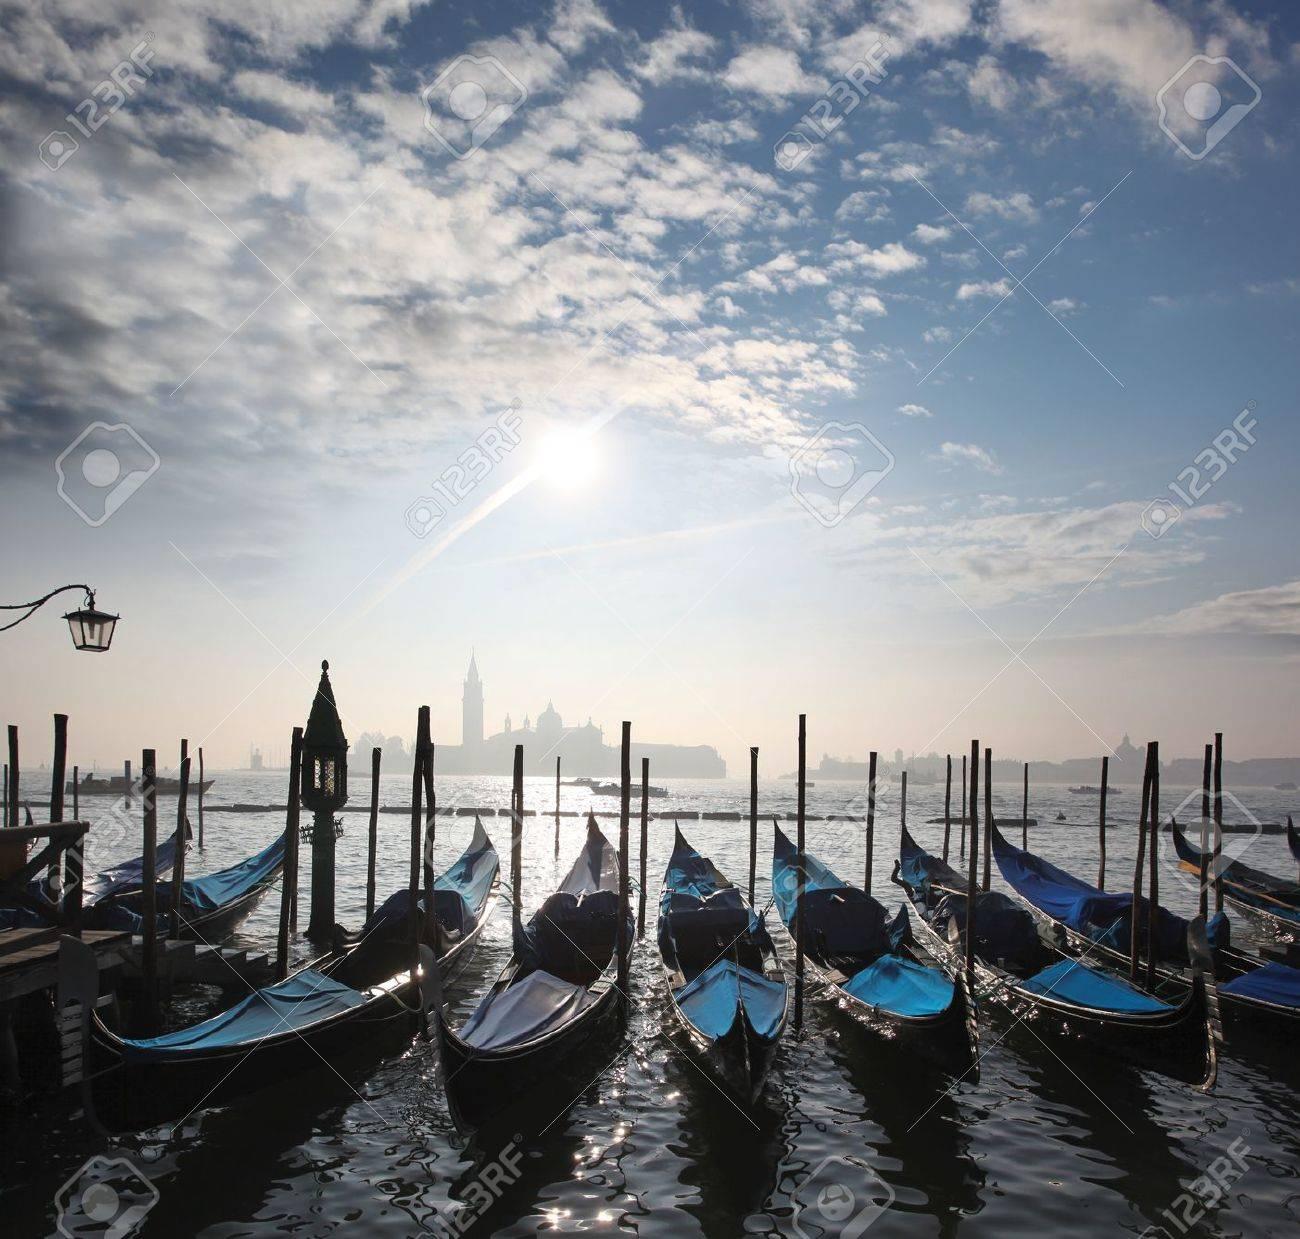 Venice with gondolas on Grand Canal against San Giorgio Maggiore church - 15547894